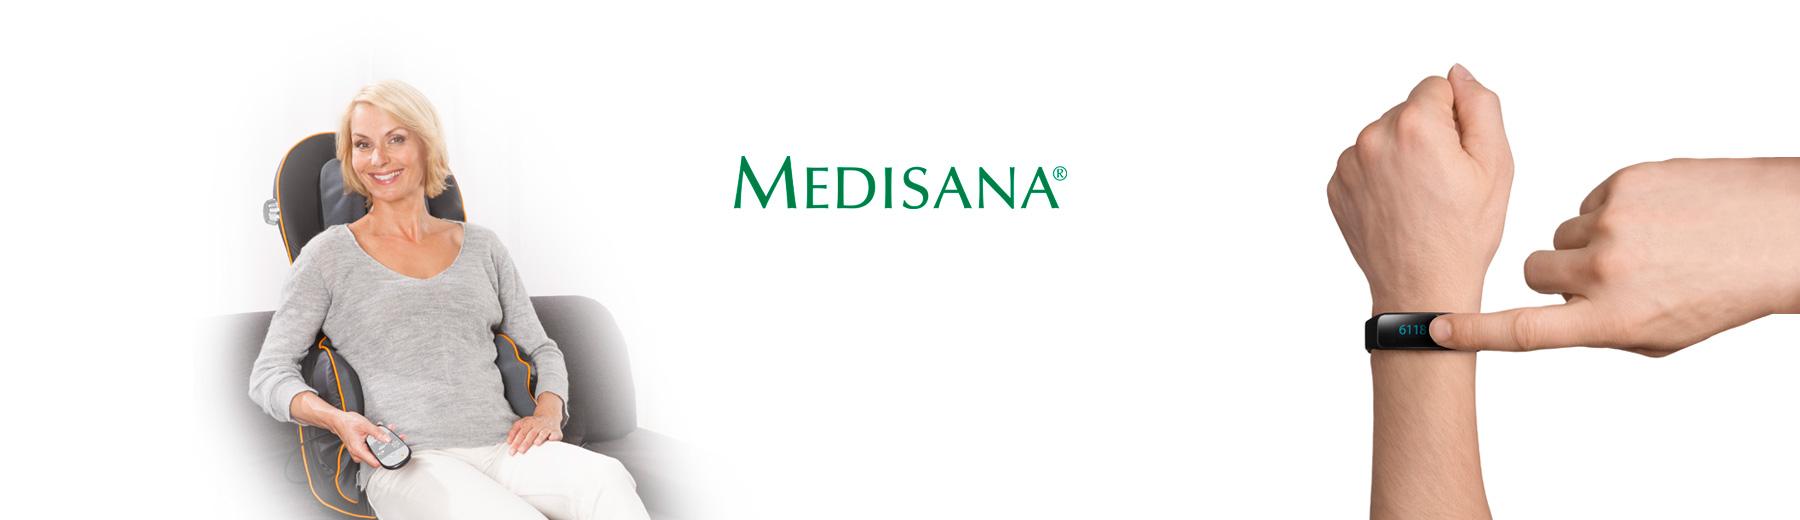 slider_medisana_gare_lowres7